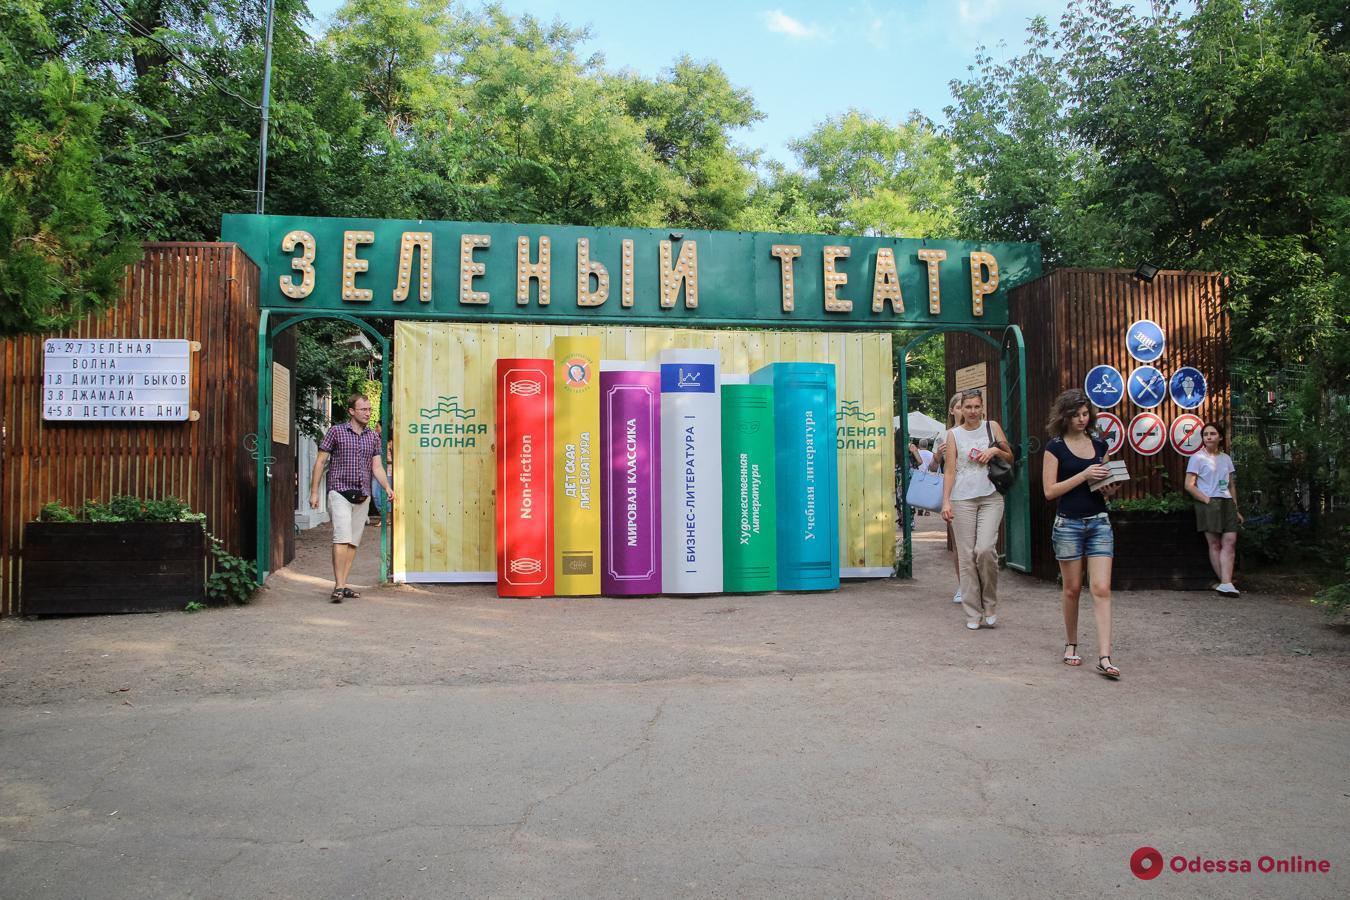 Секреты велопутешественника и буккроссинг: в Одессе прощались с «Зеленой волной» (фоторепортаж)